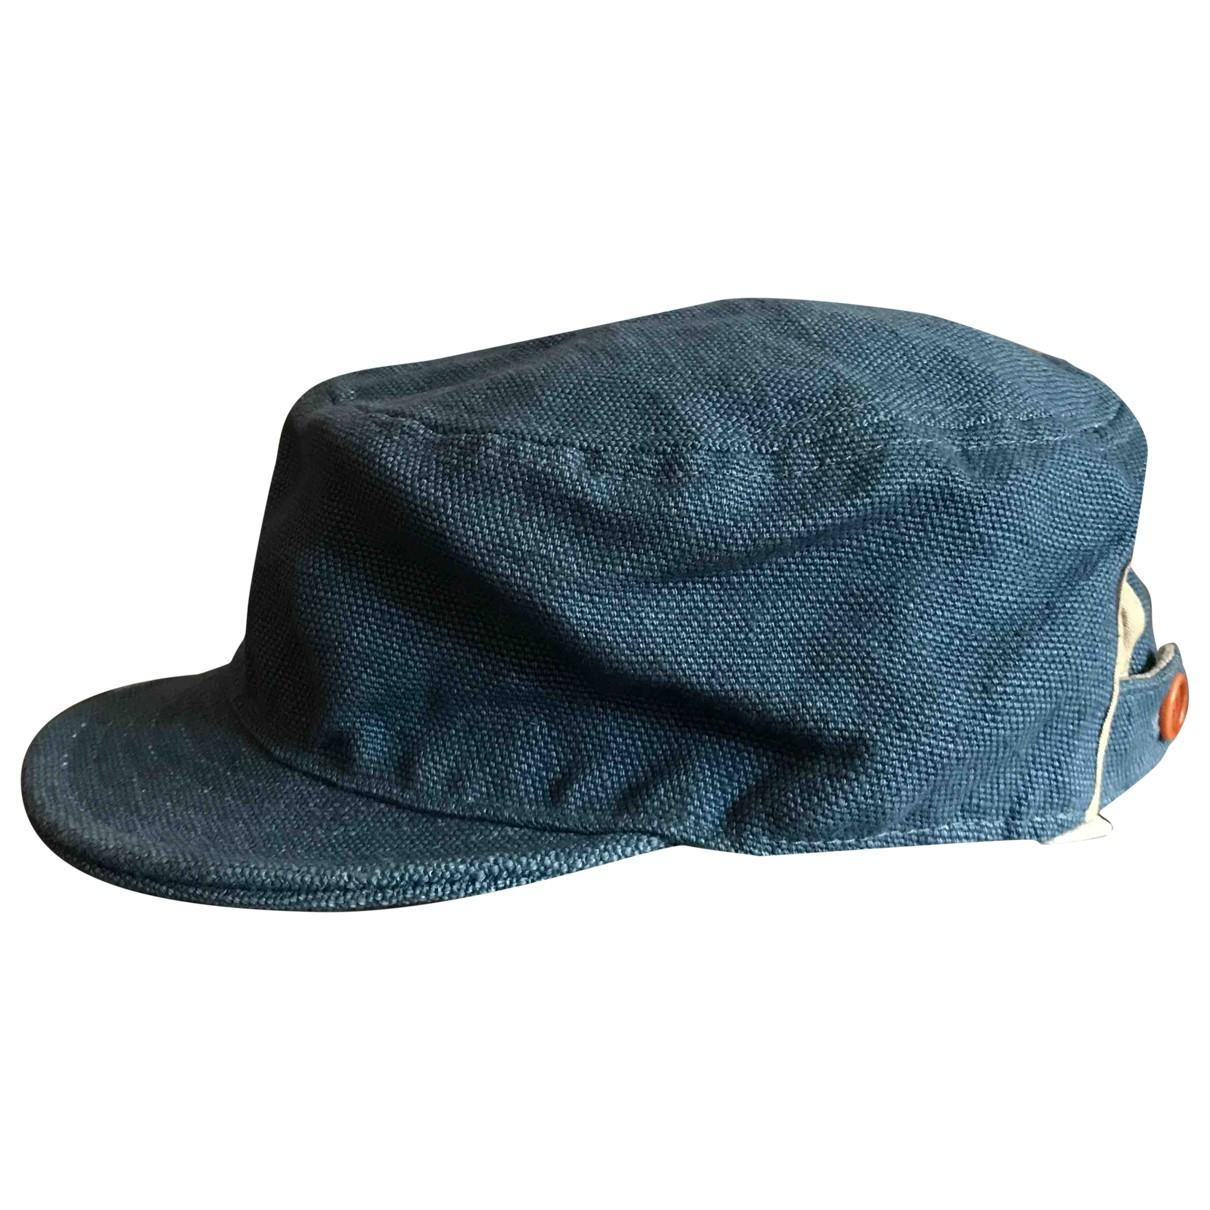 Paul Smith \N Blue Linen hat & pull on hat for Men M International